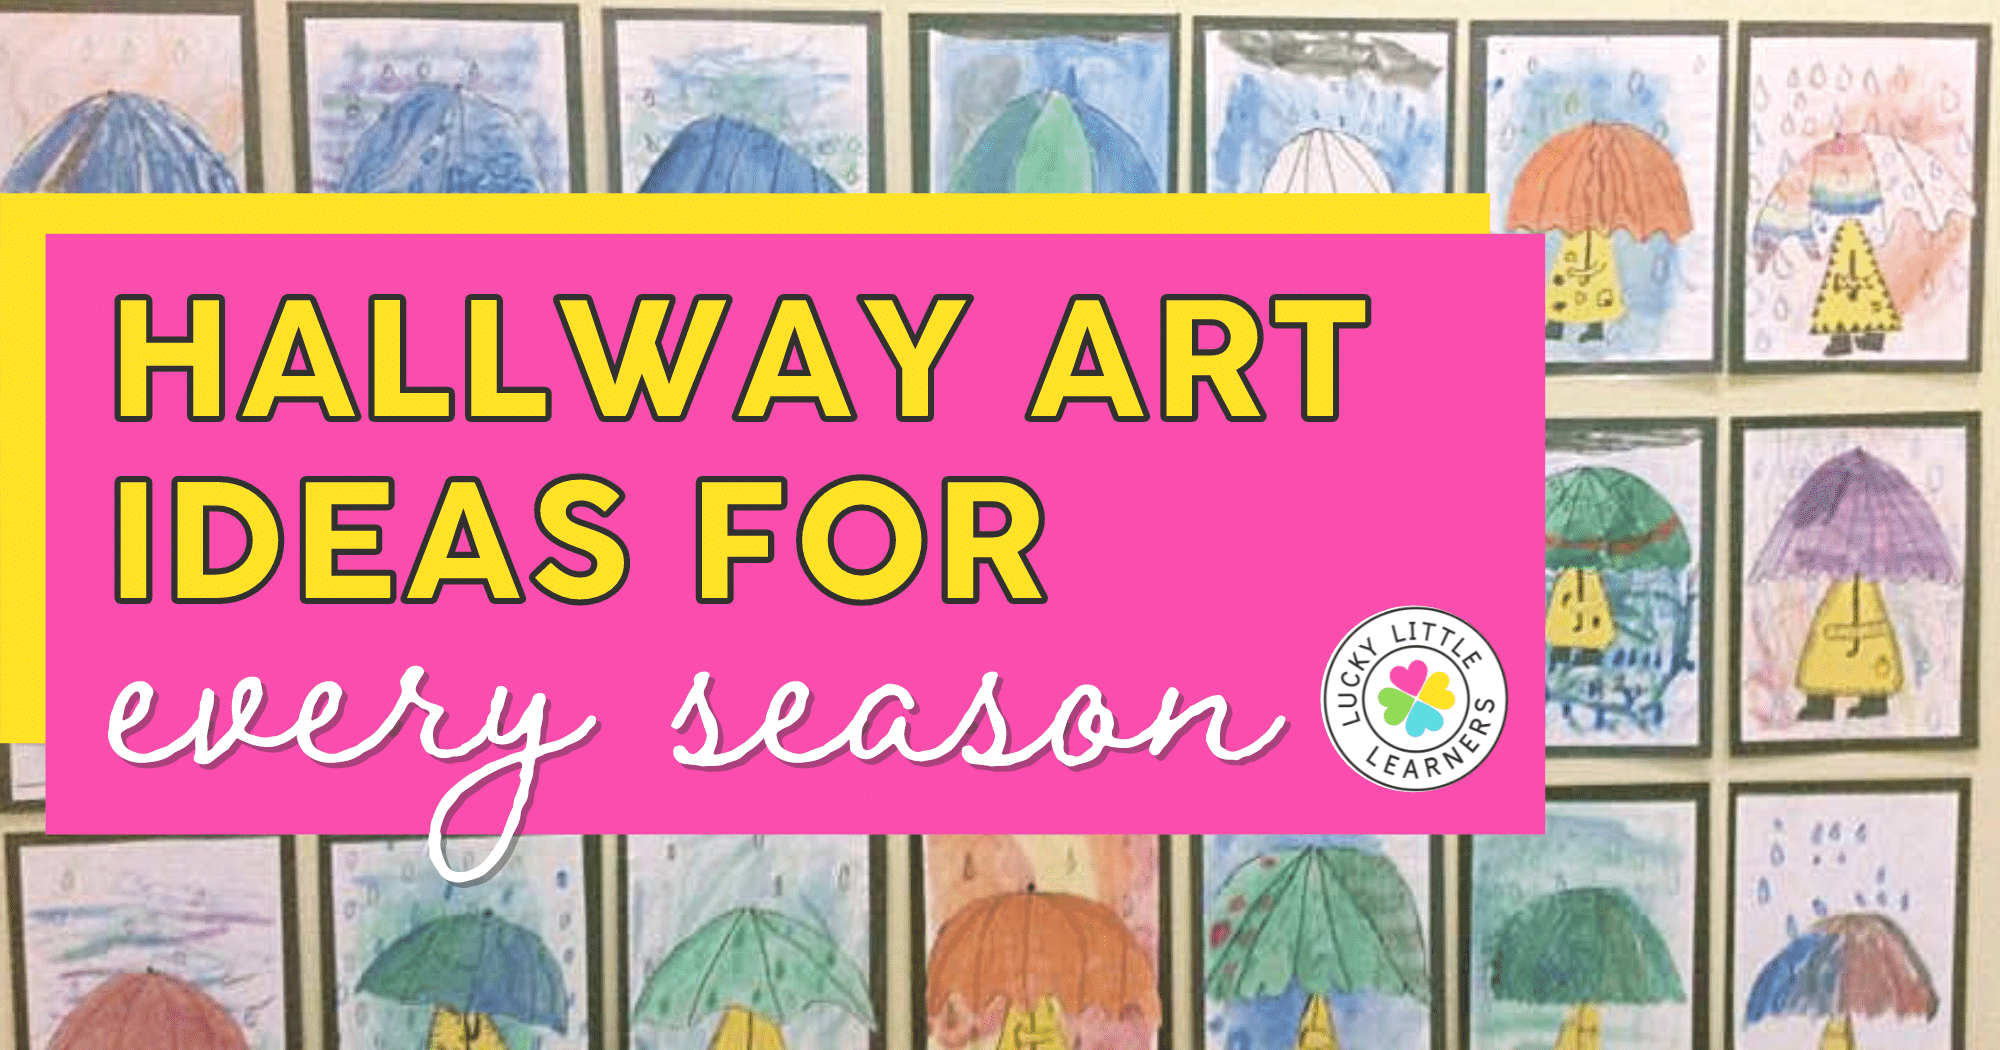 Hallway Art Ideas for Every Season